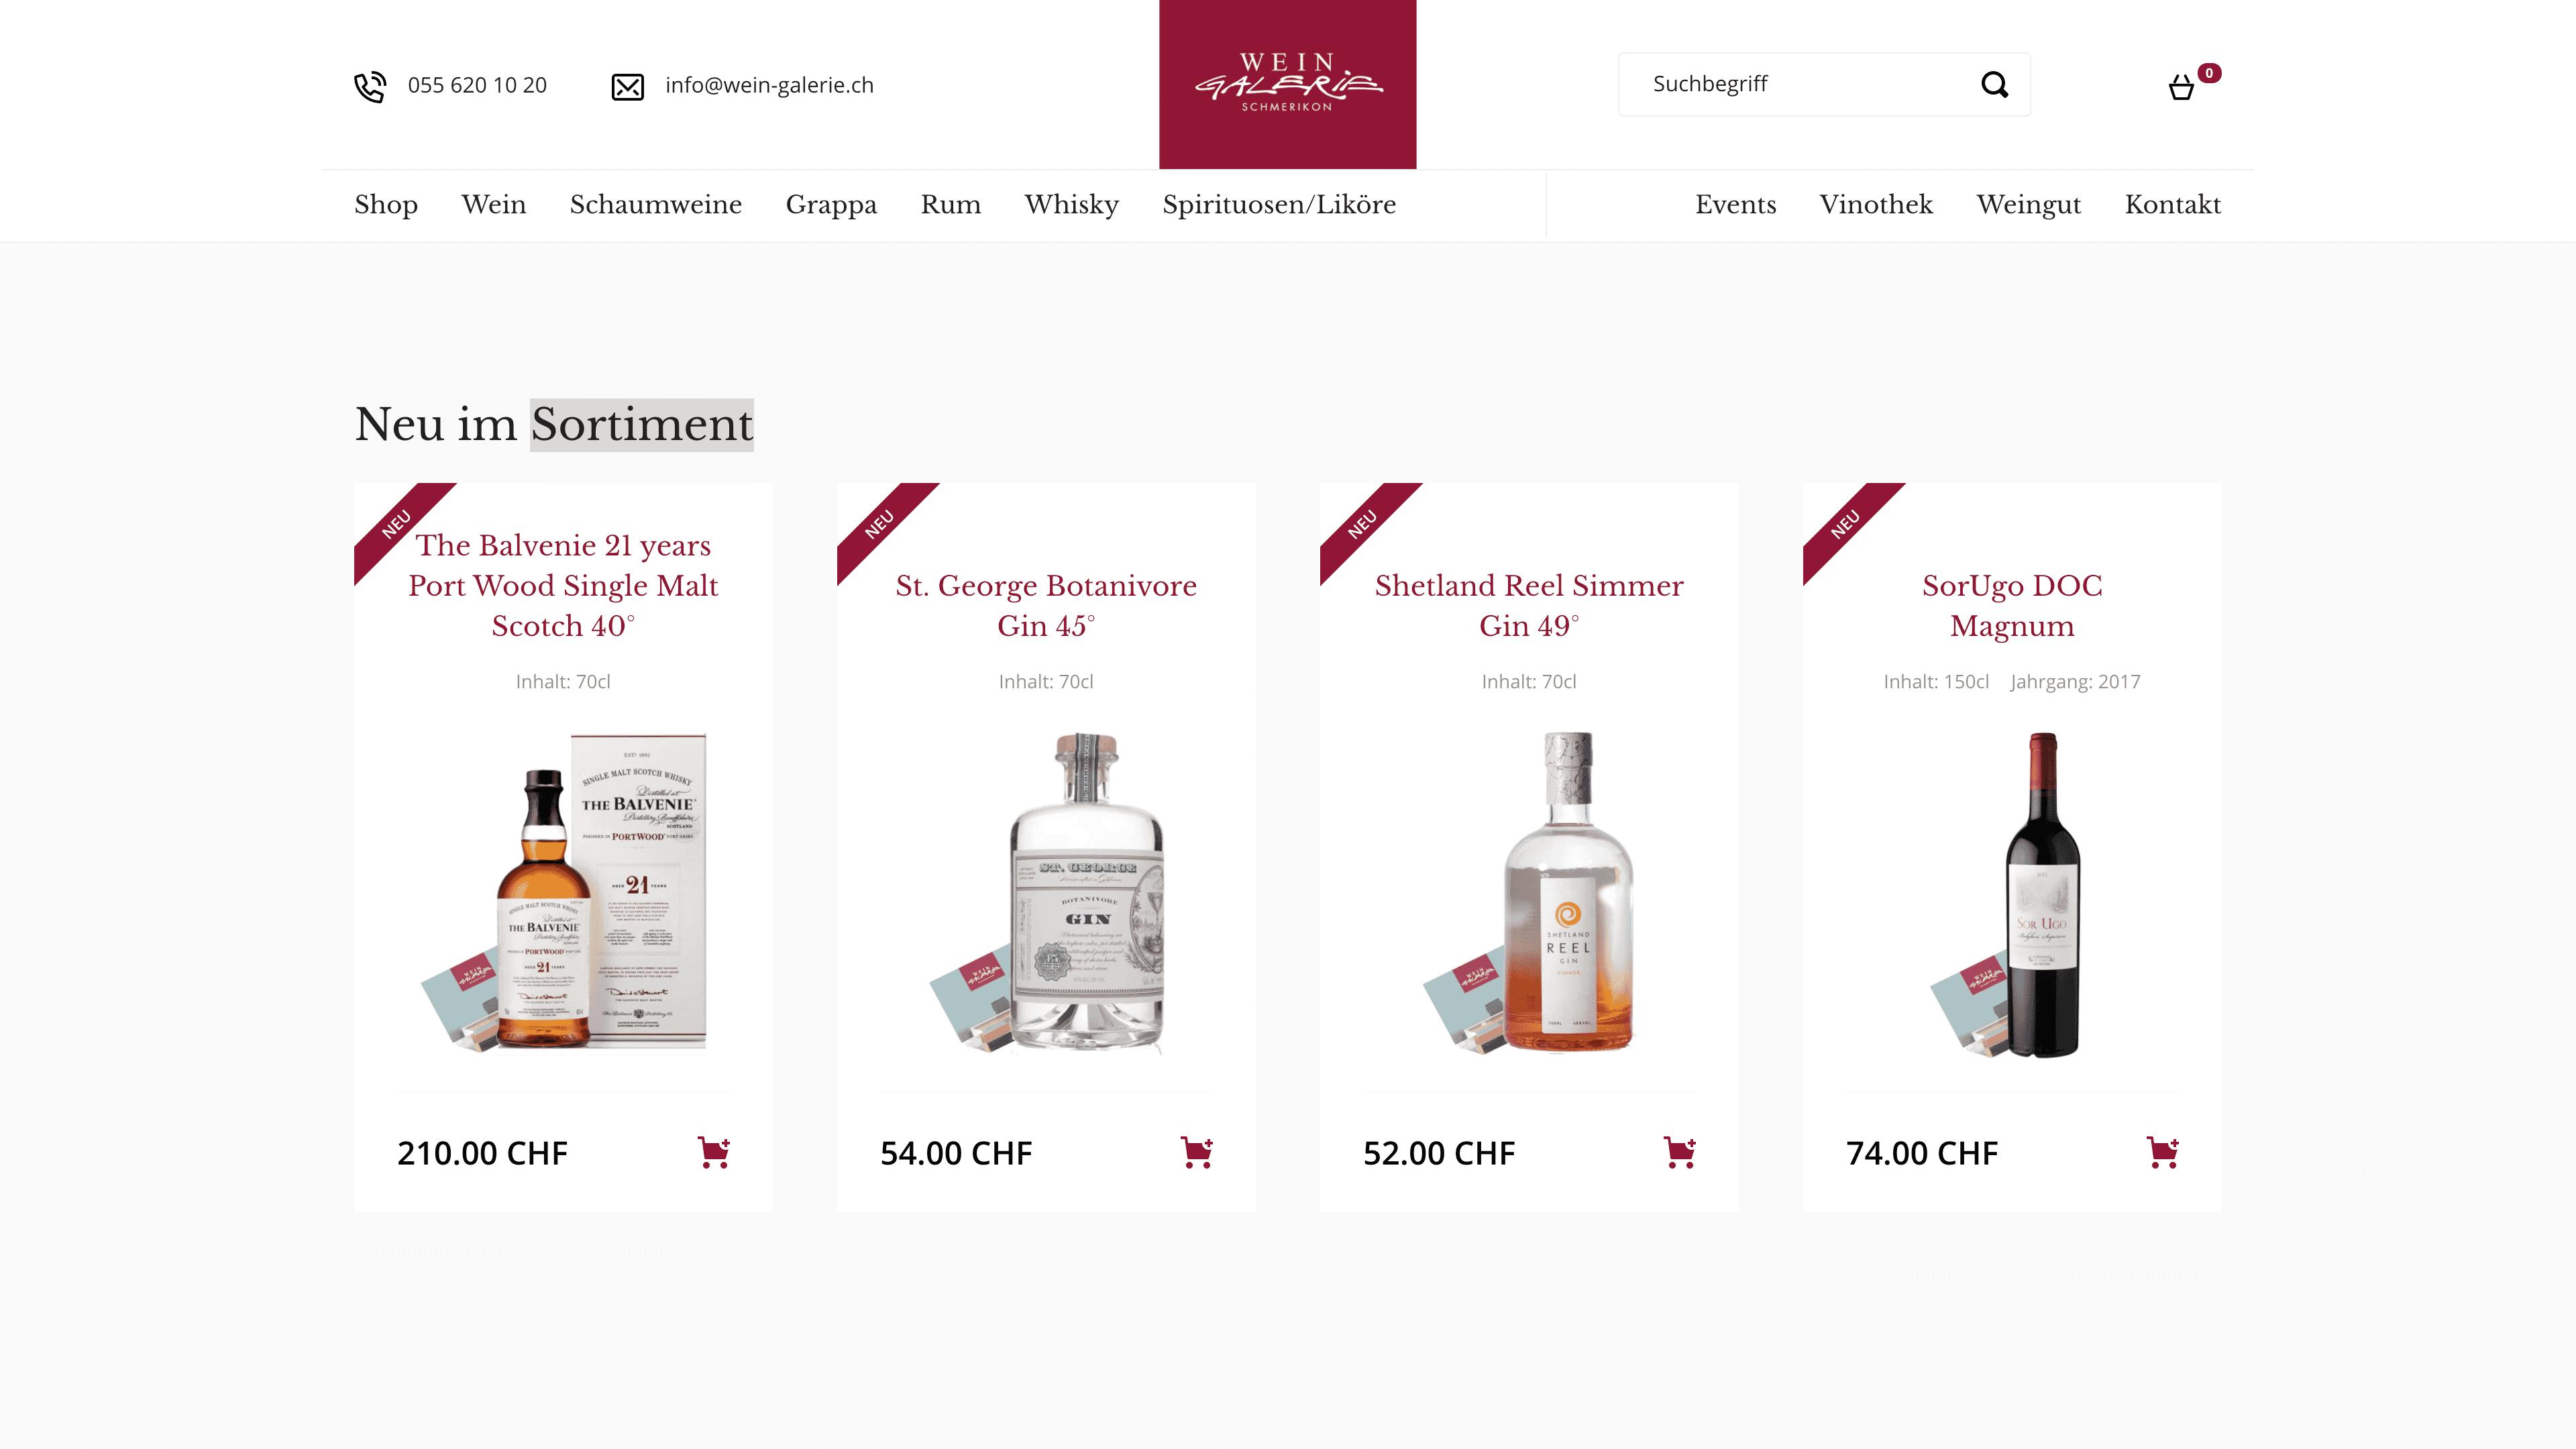 Wein Galerie Schmerikon - Webshop auf Wordpress mit WooCommerce - Neue Produkte